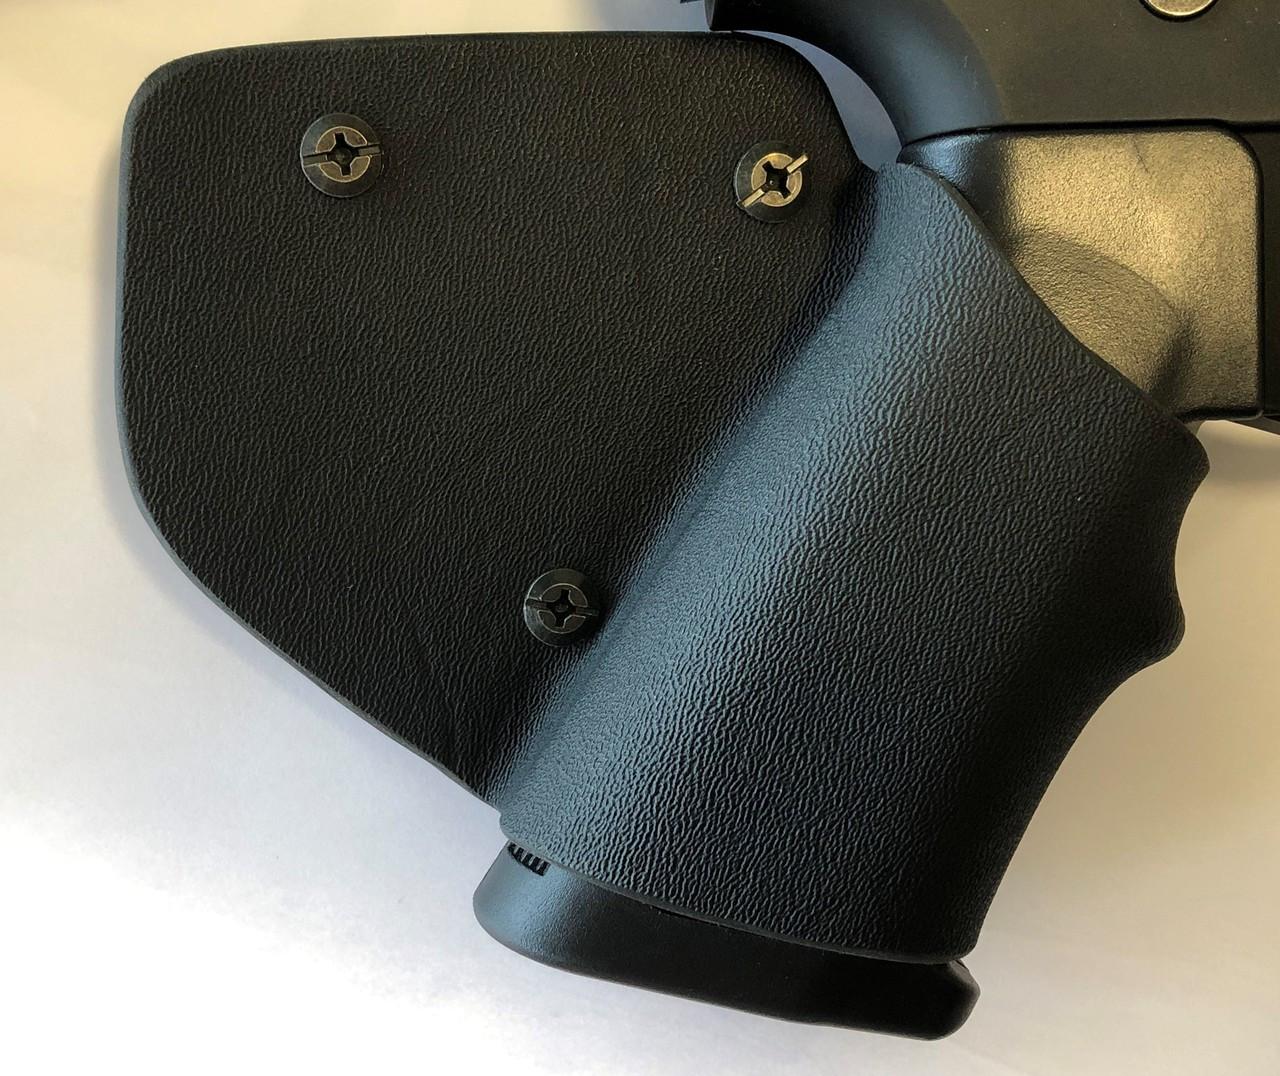 Steyr Arms AUG A3 M1(3.0x Optic) CALIFORNIA LEGAL 5.56- Mudd